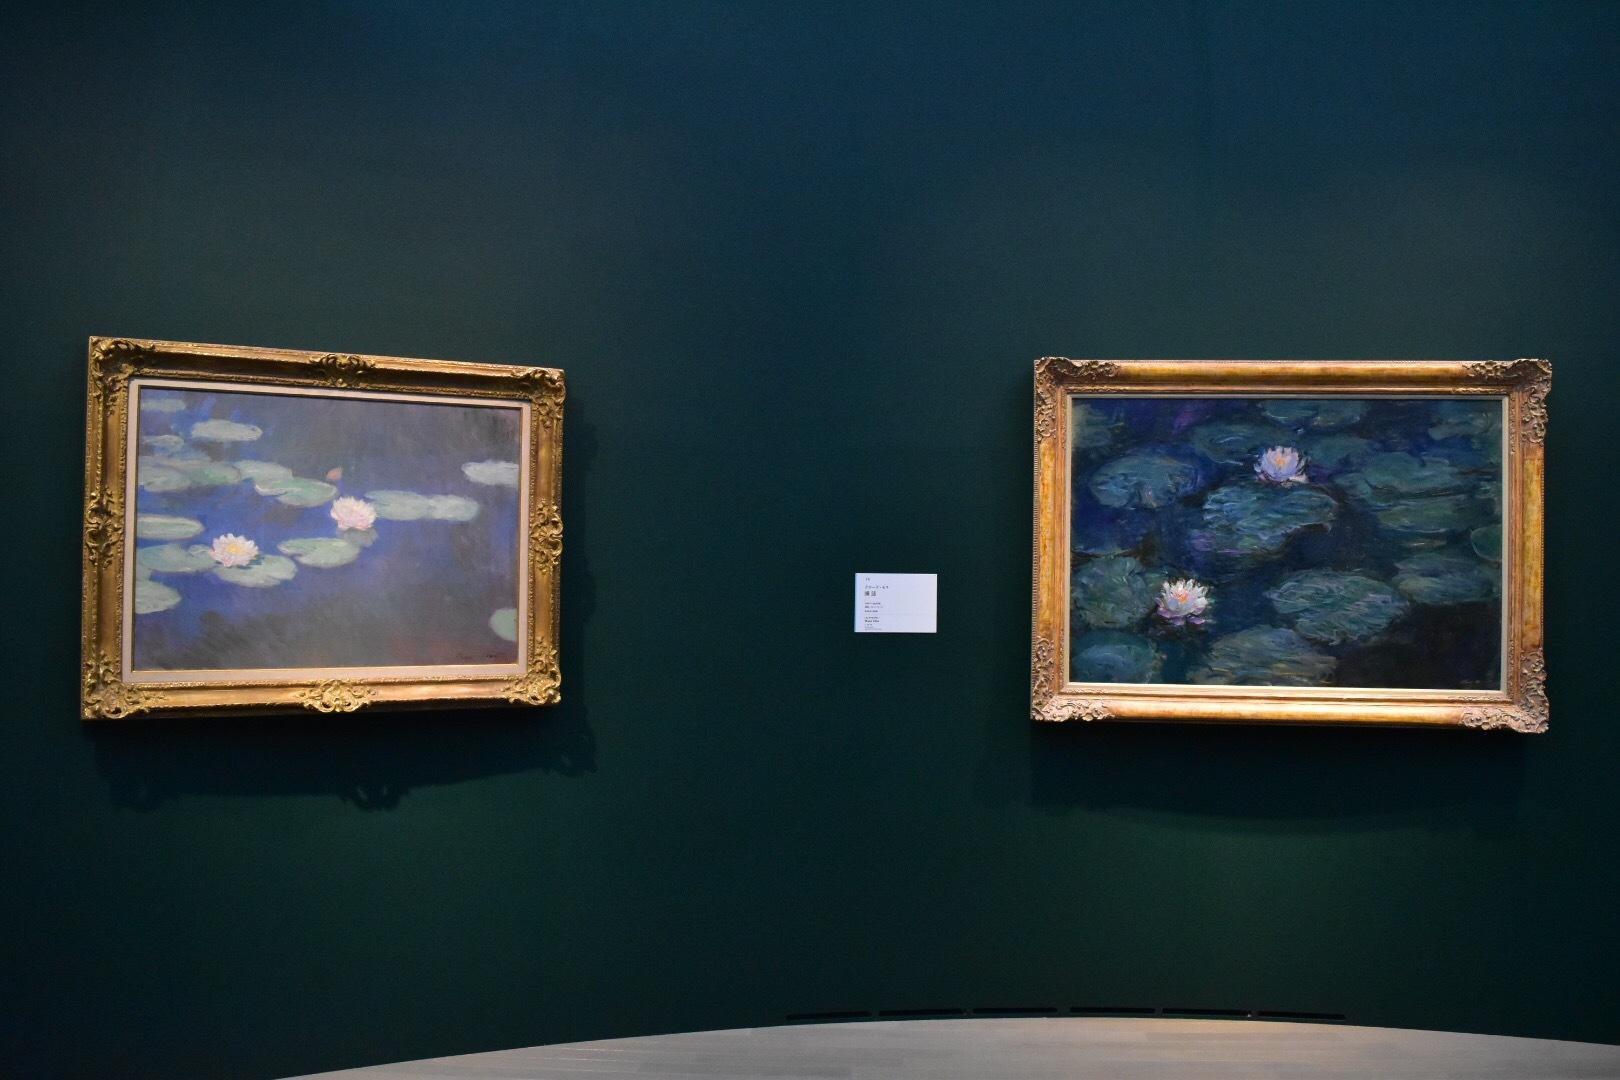 左:クロード・モネ 《睡蓮》1897-98年 個人蔵 右:クロード・モネ 《睡蓮》1897-98年頃 鹿児島市立美術館